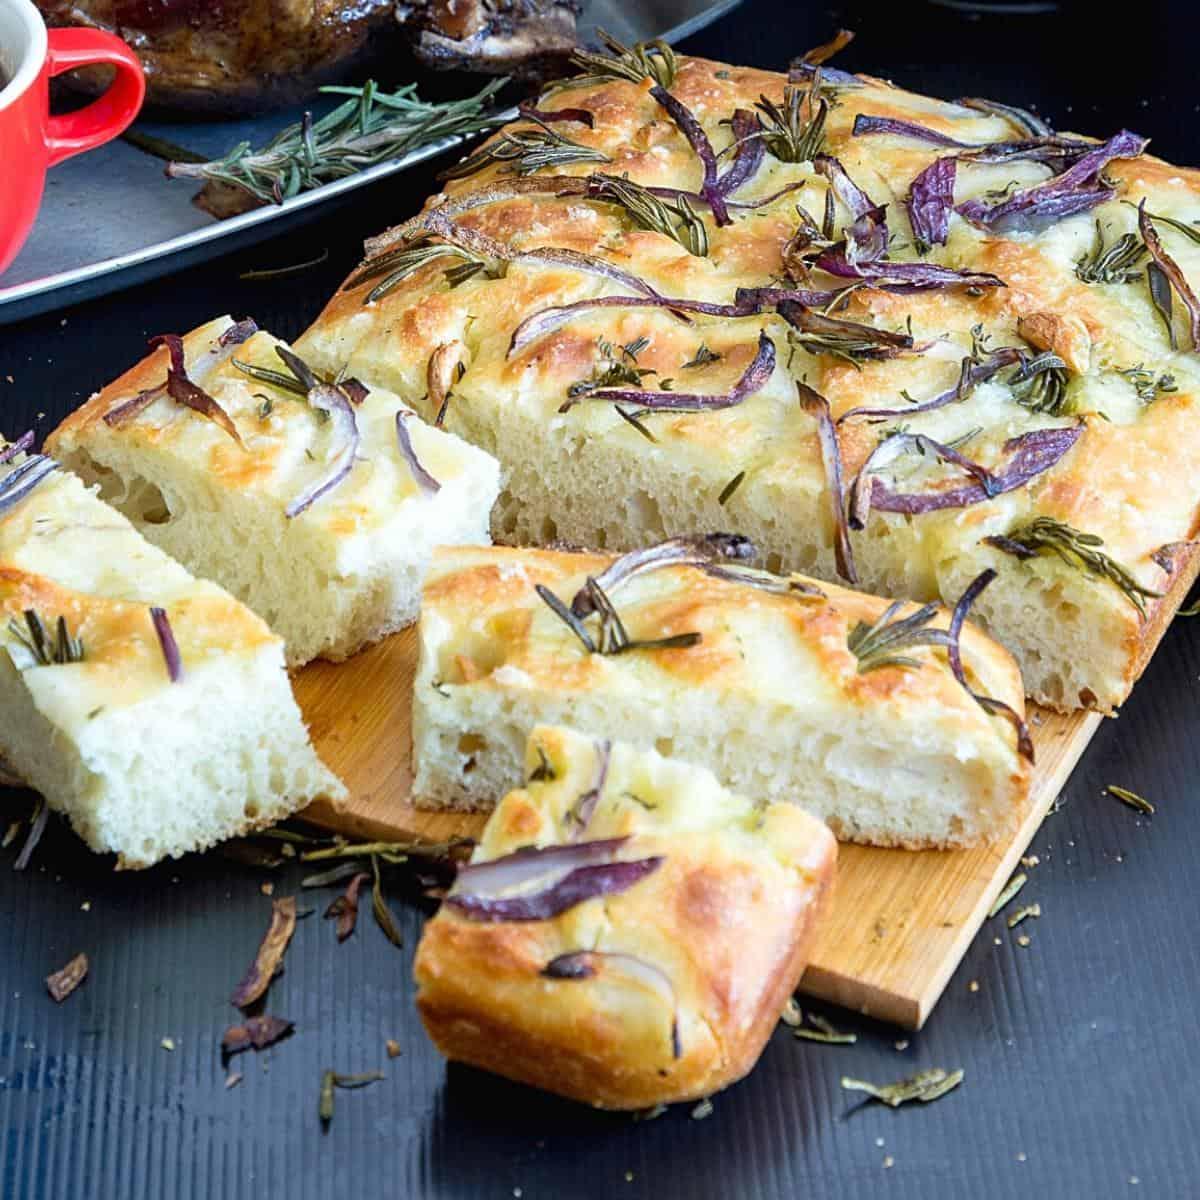 Focaccia bread on a wooden board.